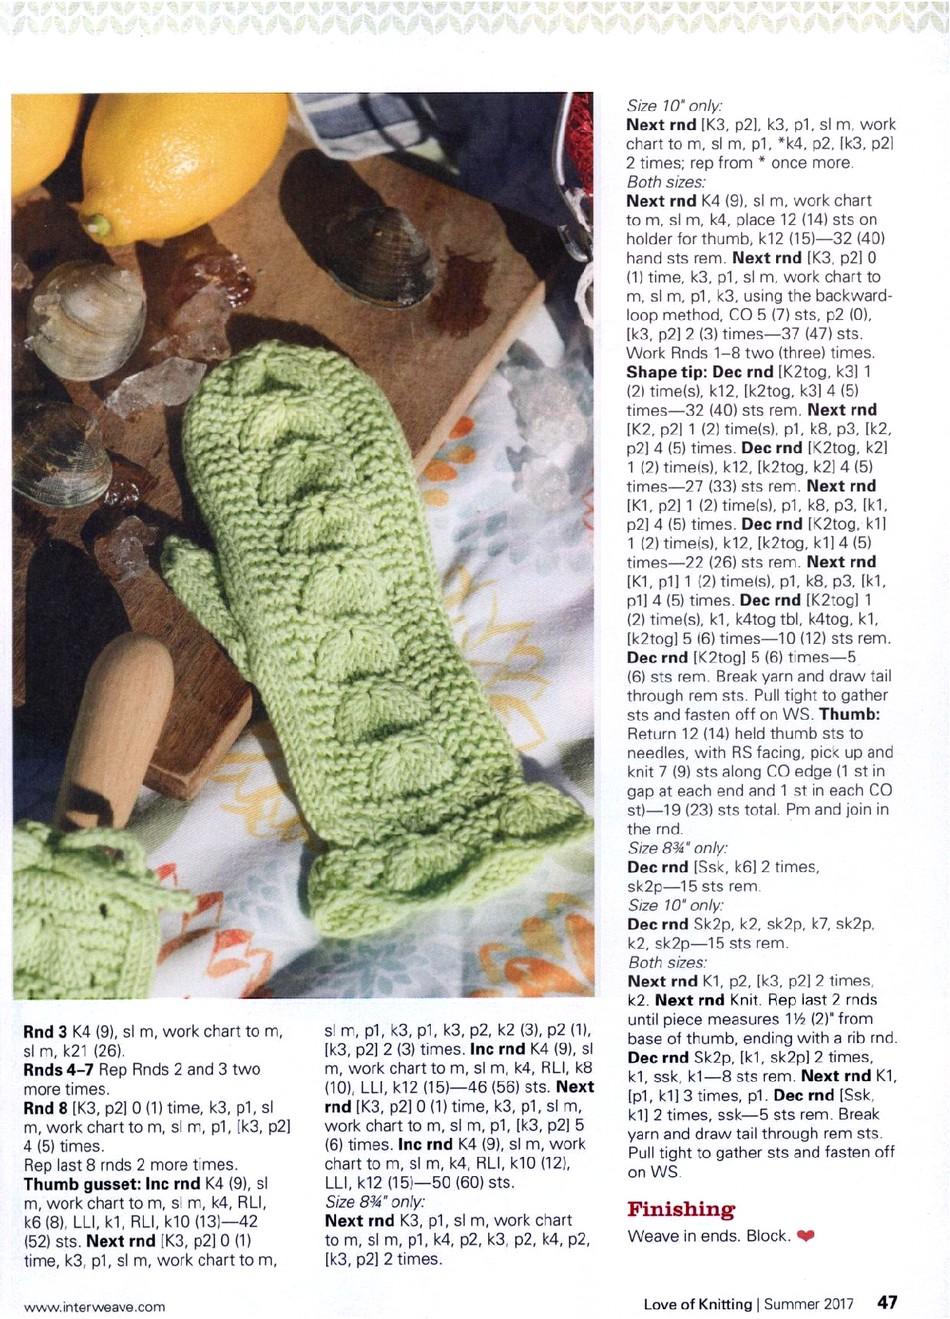 Love of Knitting - Summer 2017-ng